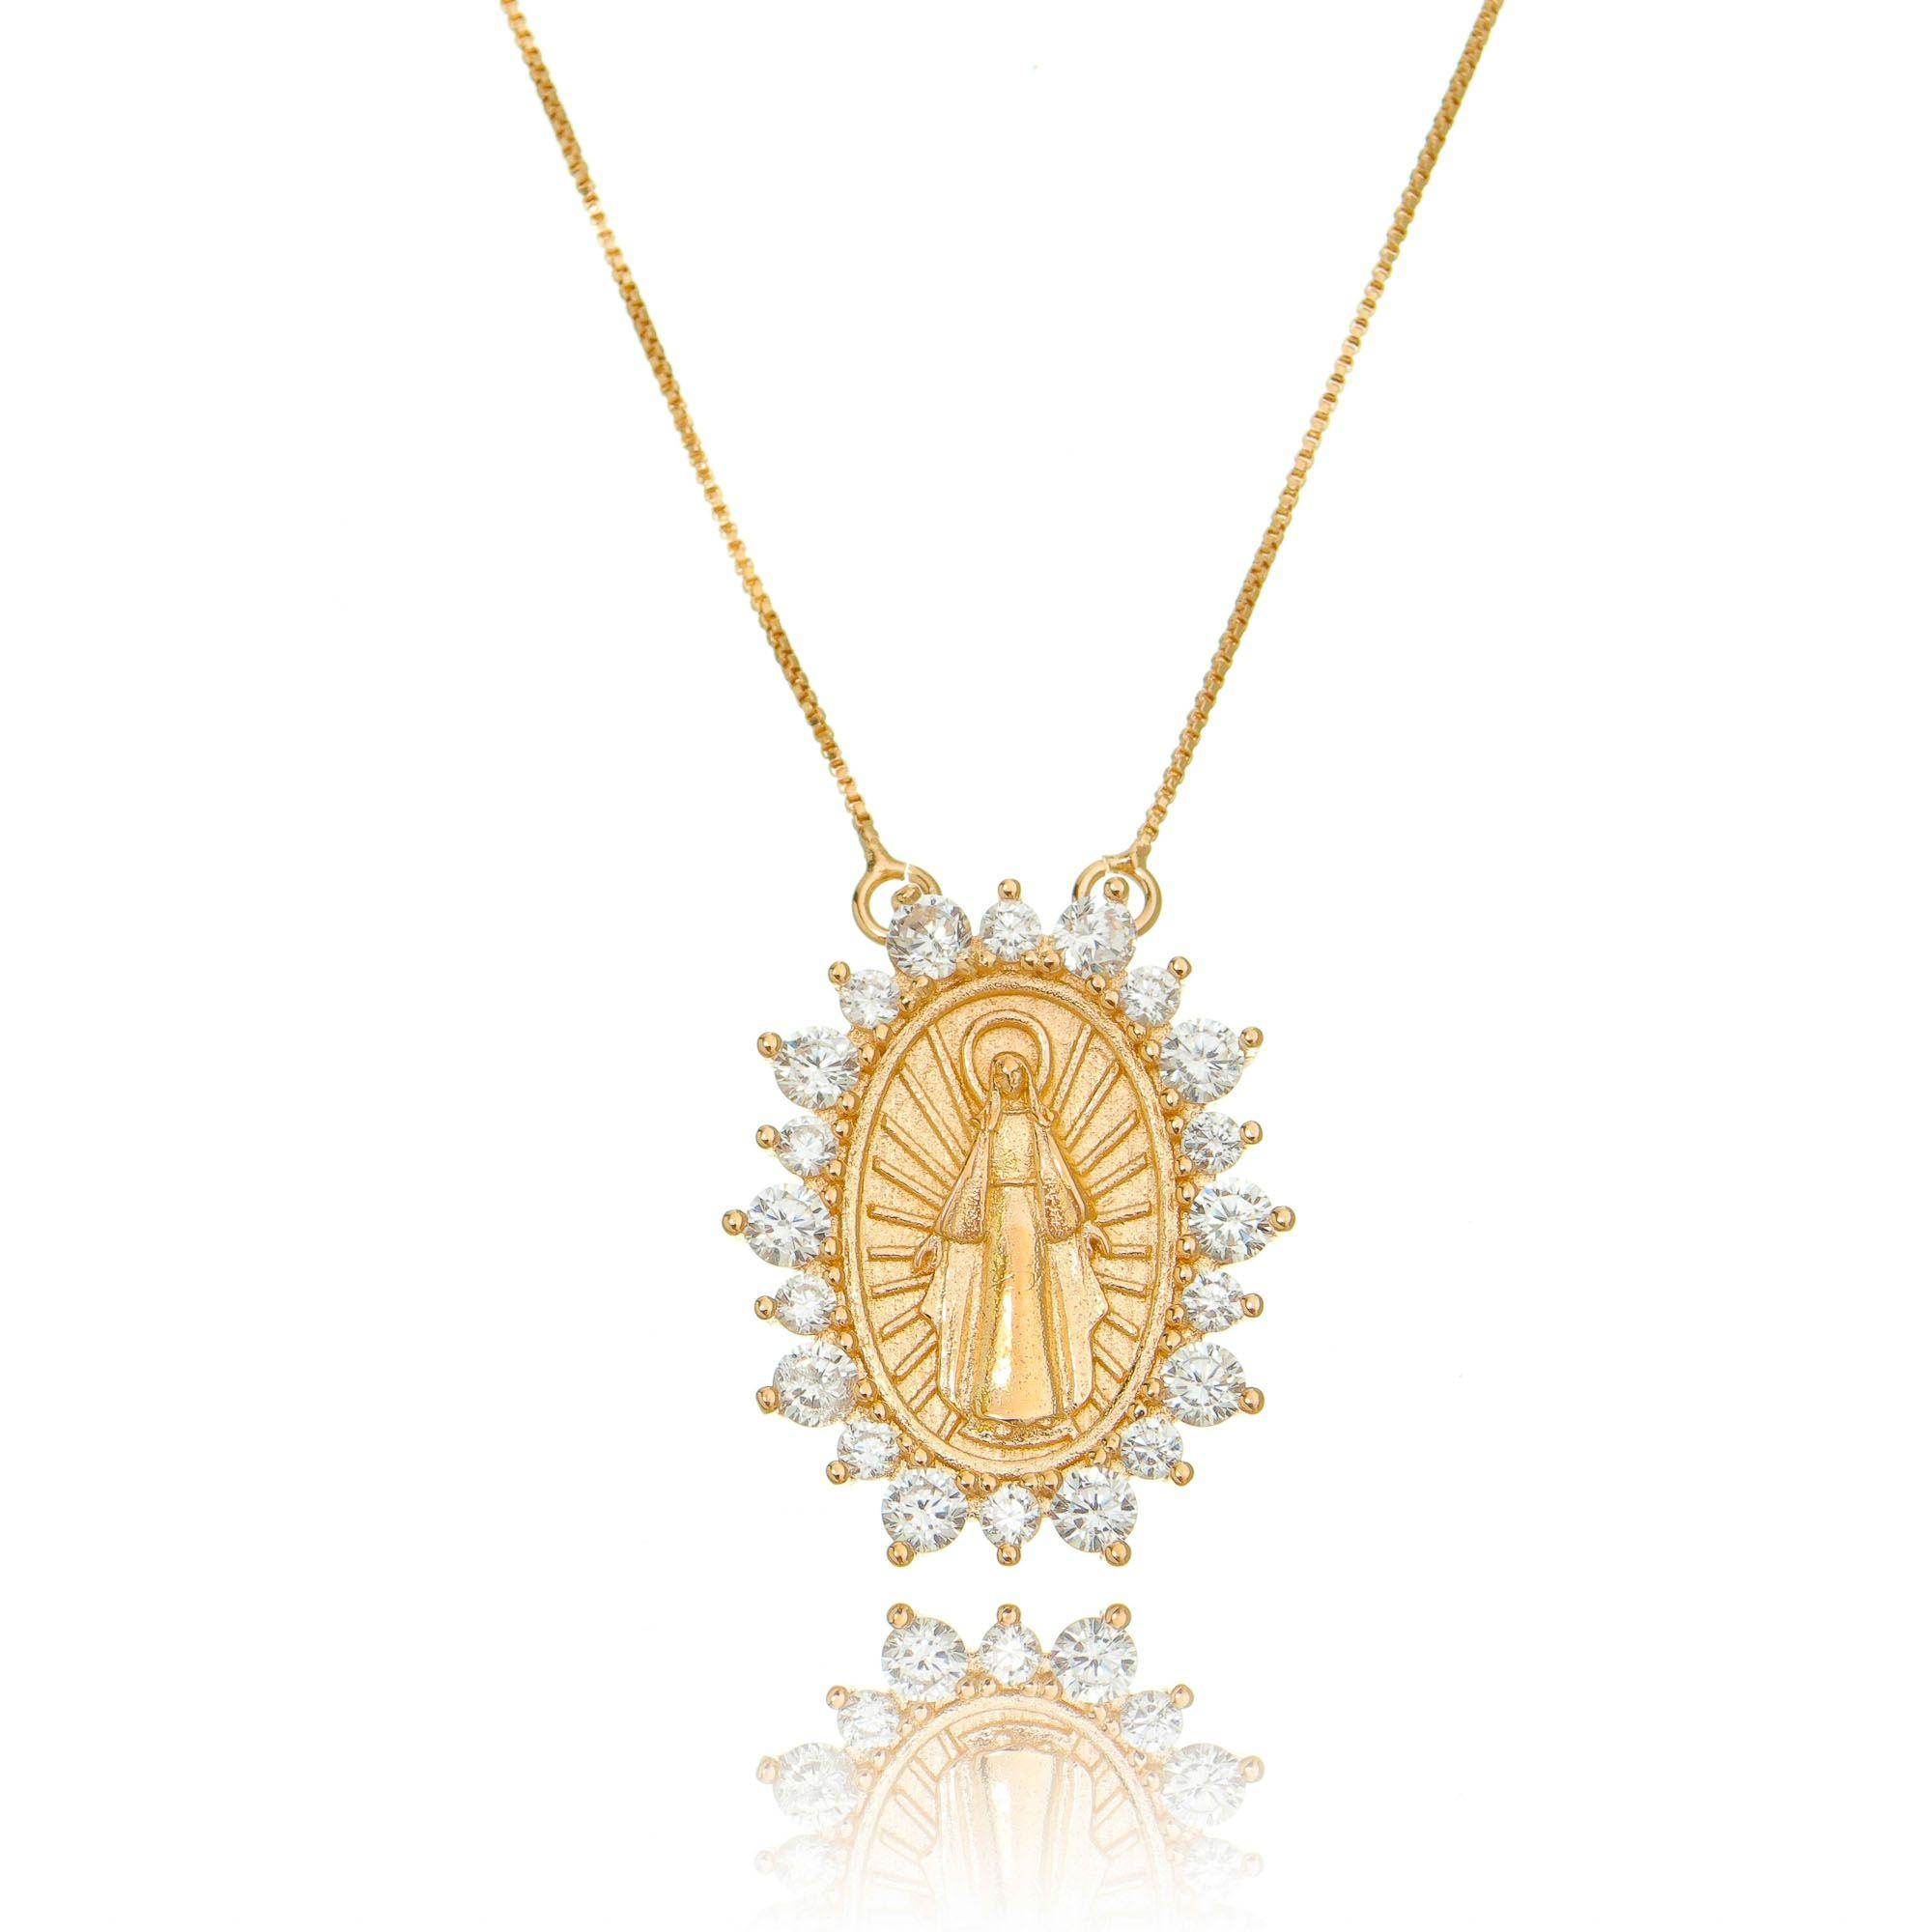 Colar Medalha Milagrosa de Nossa Senhora das Graças Ouro Rosé Zircônia Branca Semijoia  - Soloyou